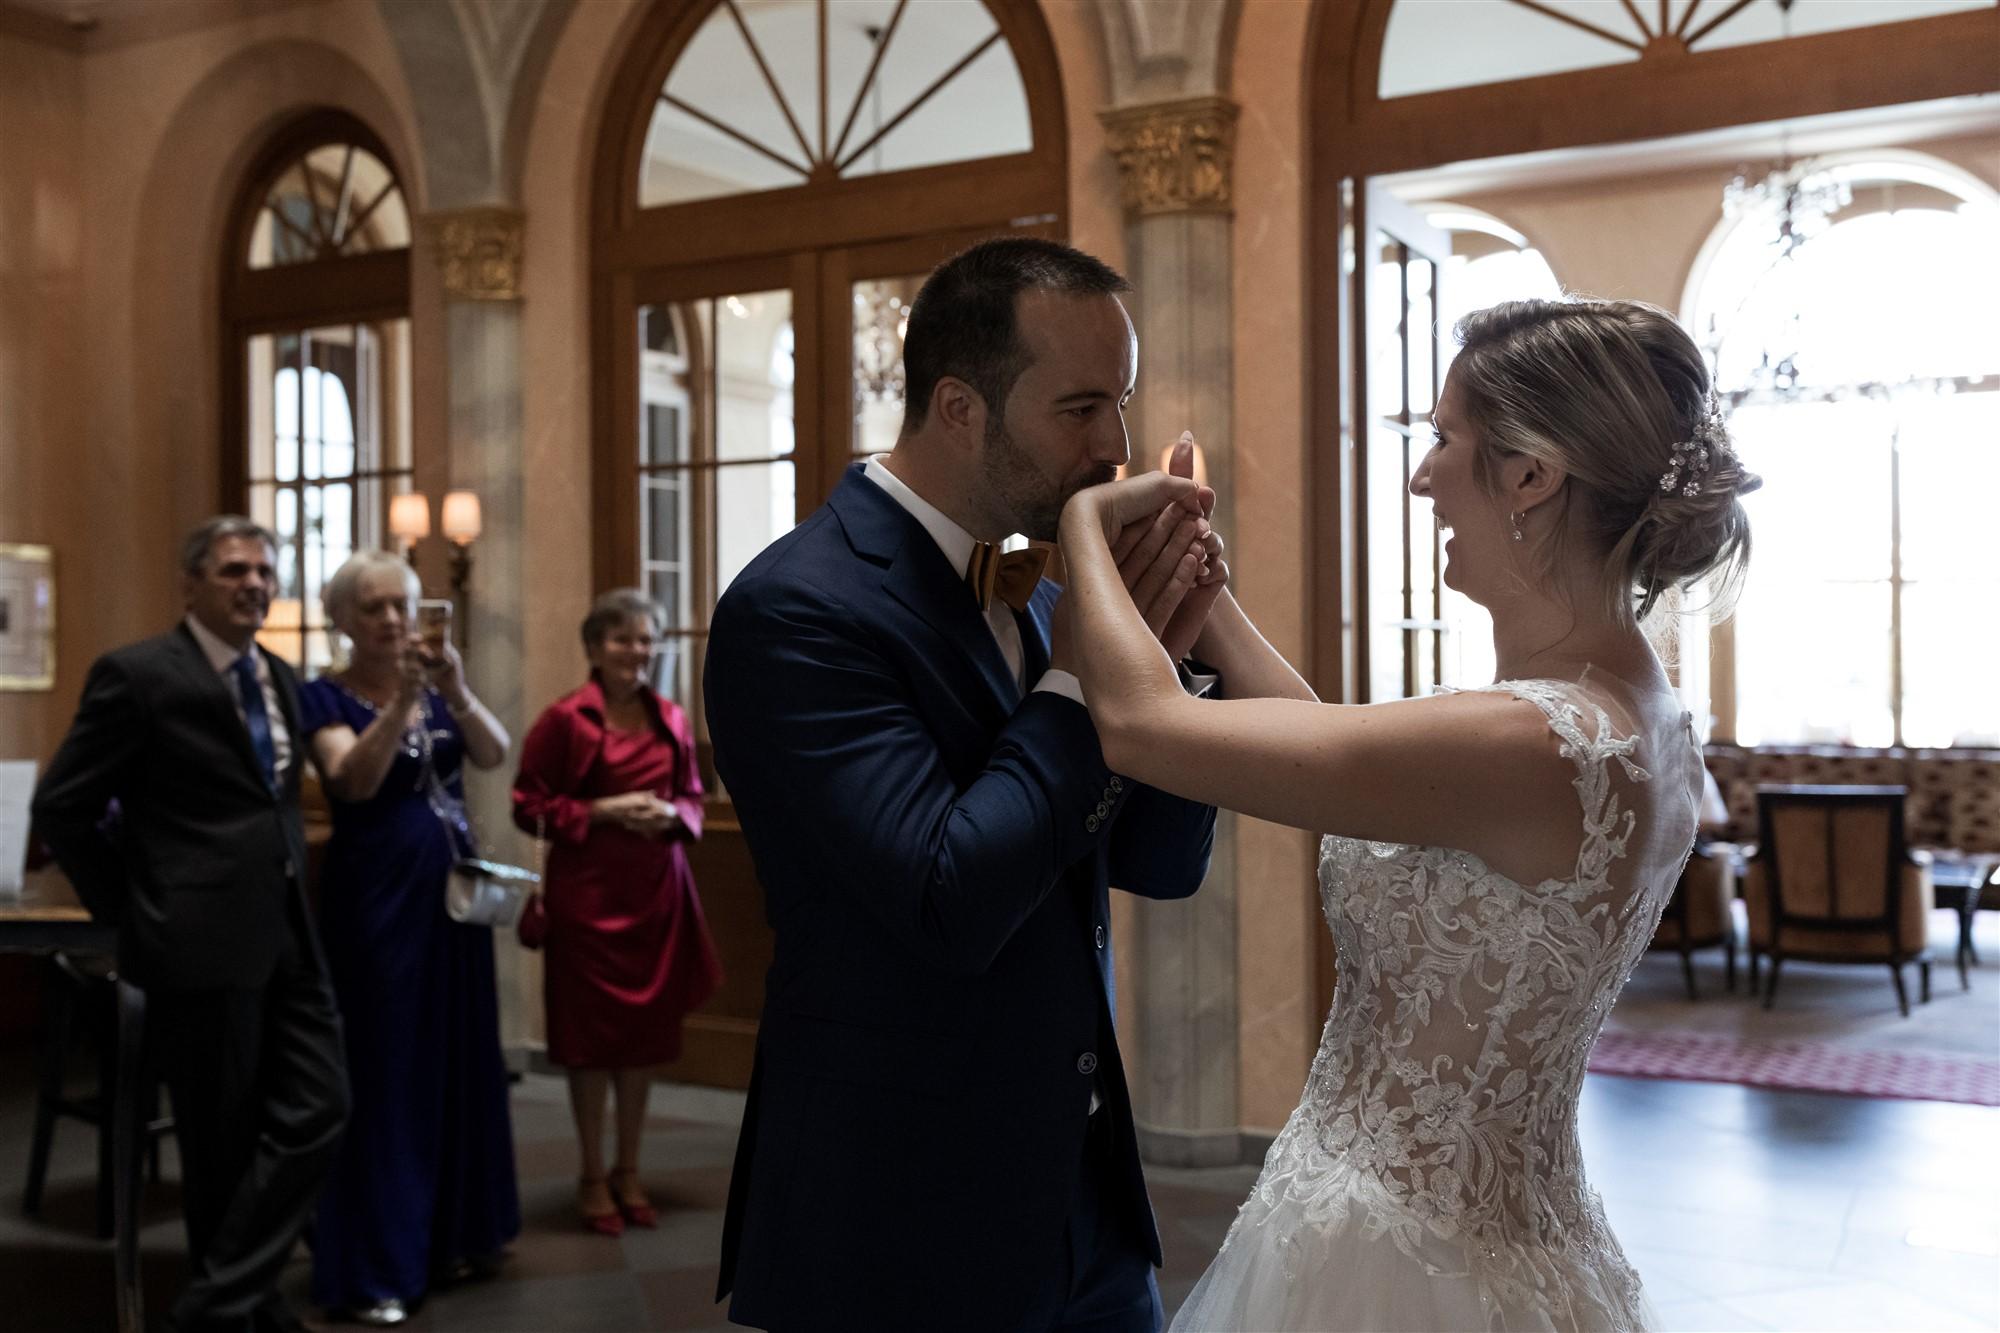 Hochzeit im Grand Hotel Les Trois Rois - First Look des Brautpaares - Hochzeitsfotograf Basel